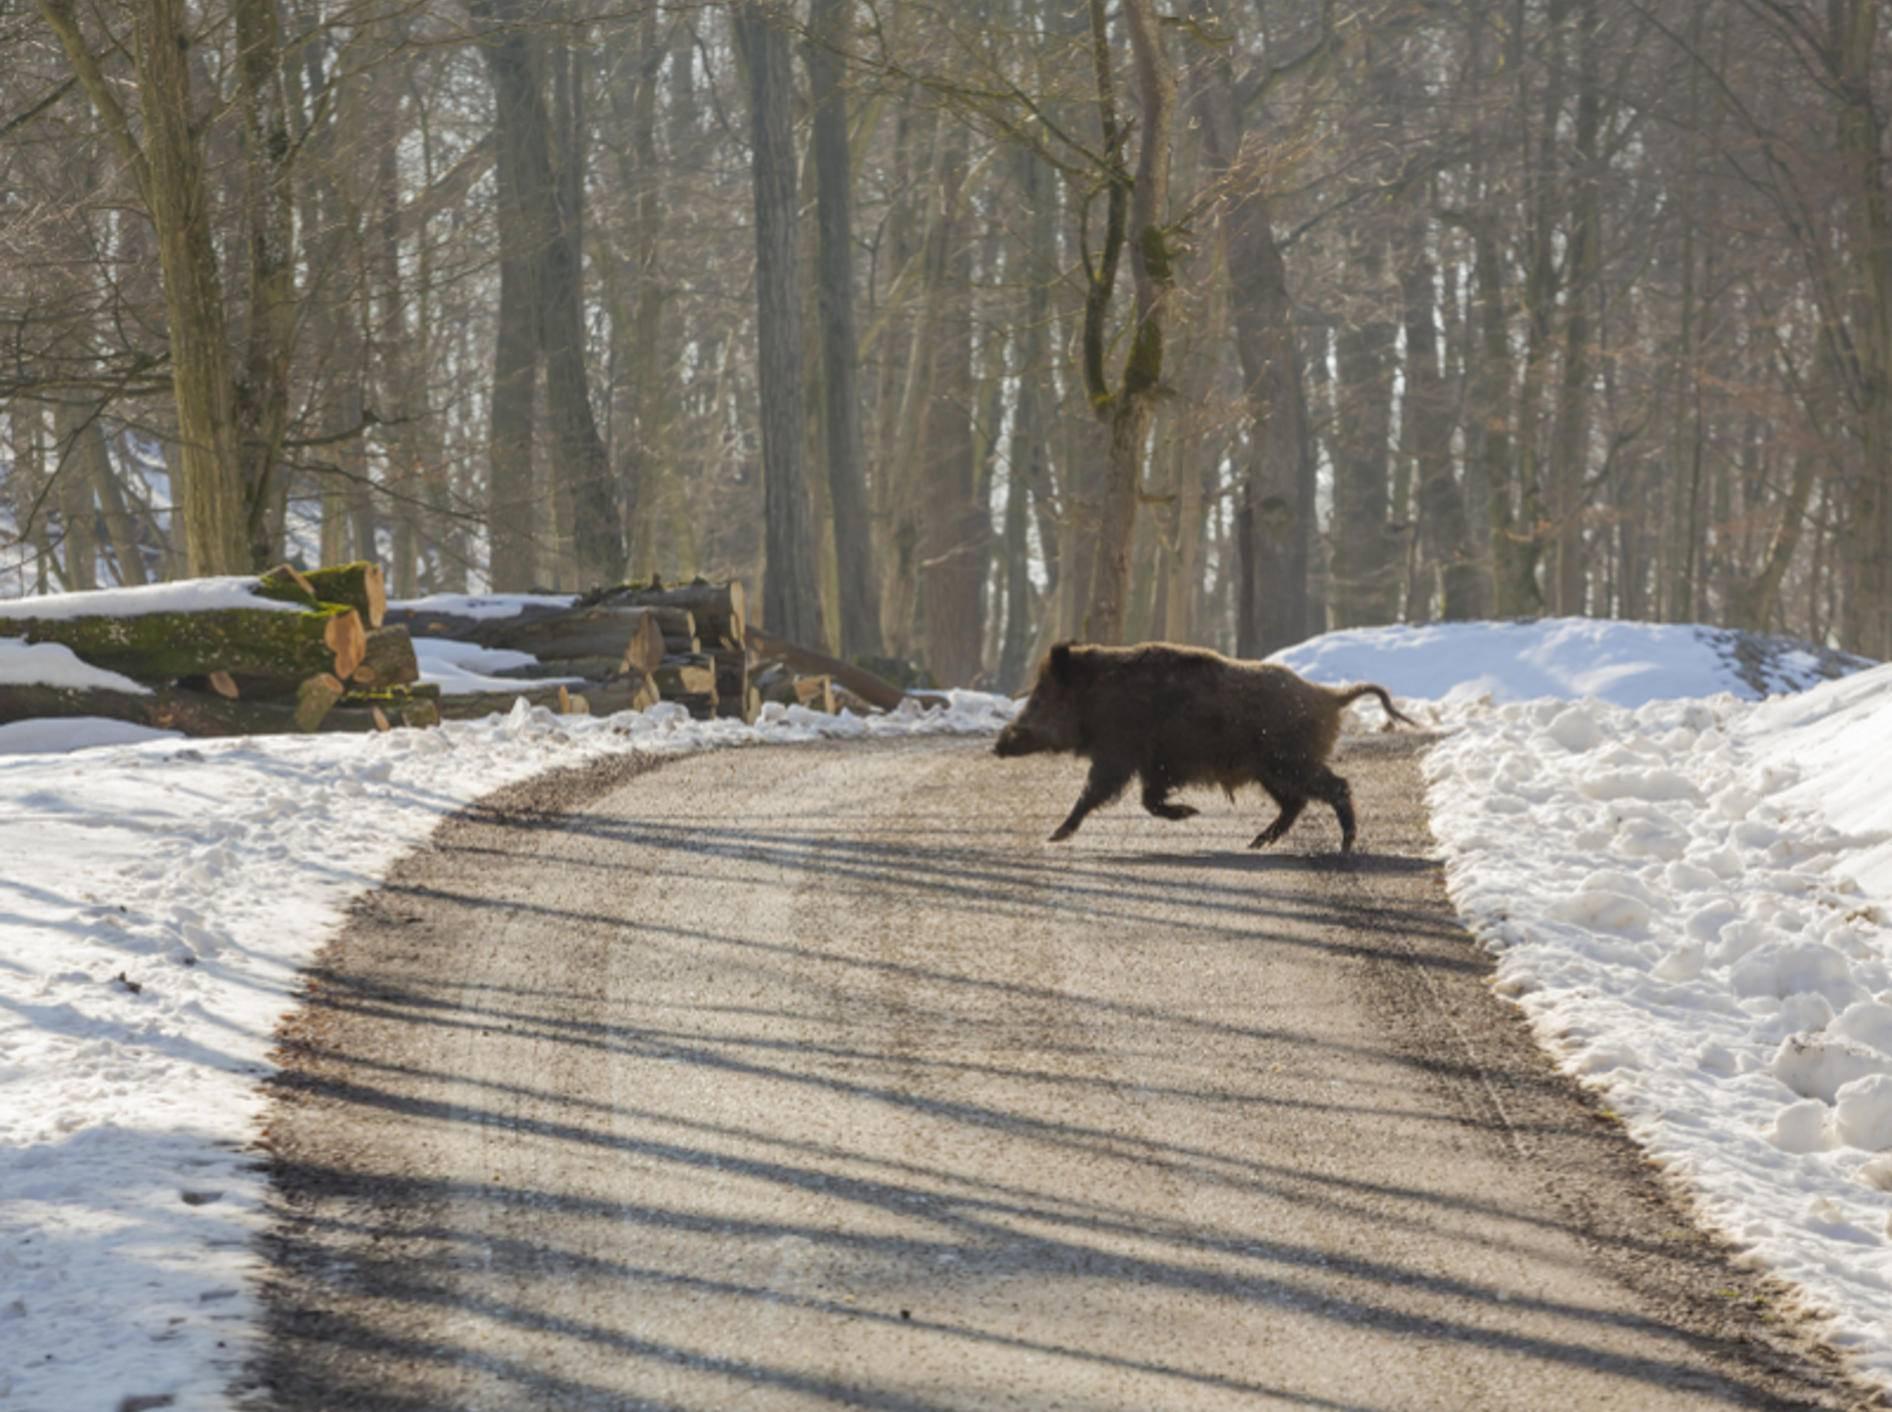 Insbesondere an Waldgebieten oder auf Feldwegen ist das Risiko eines Wildunfalls groß – Shutterstock / Khomenko Volodymyr